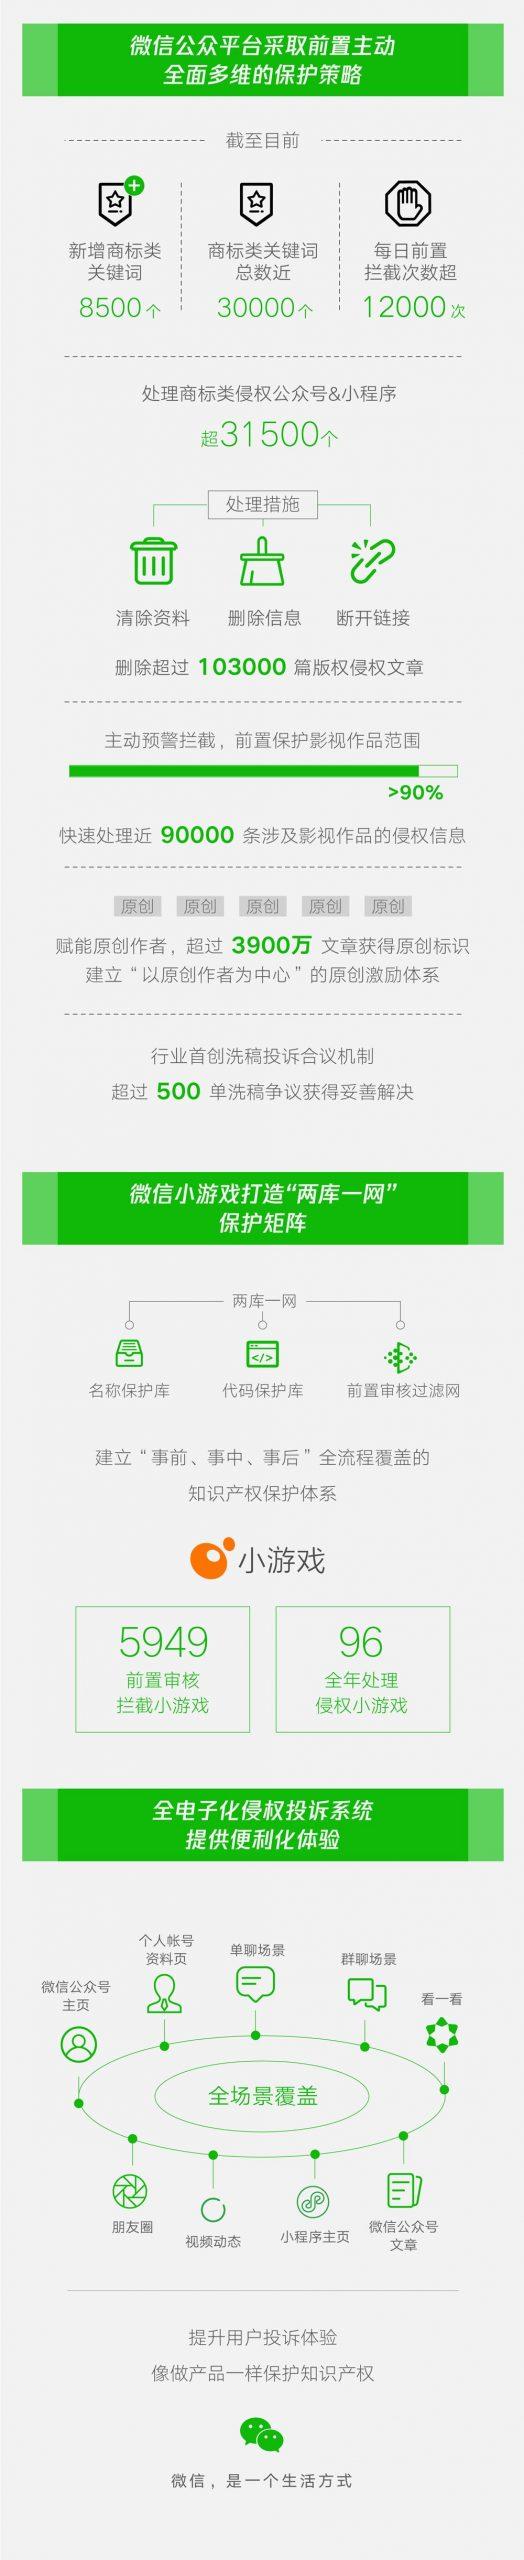 """微信知识产权保护全景图:3.15万侵权帐号被处理,3900万文章标上""""原创"""""""